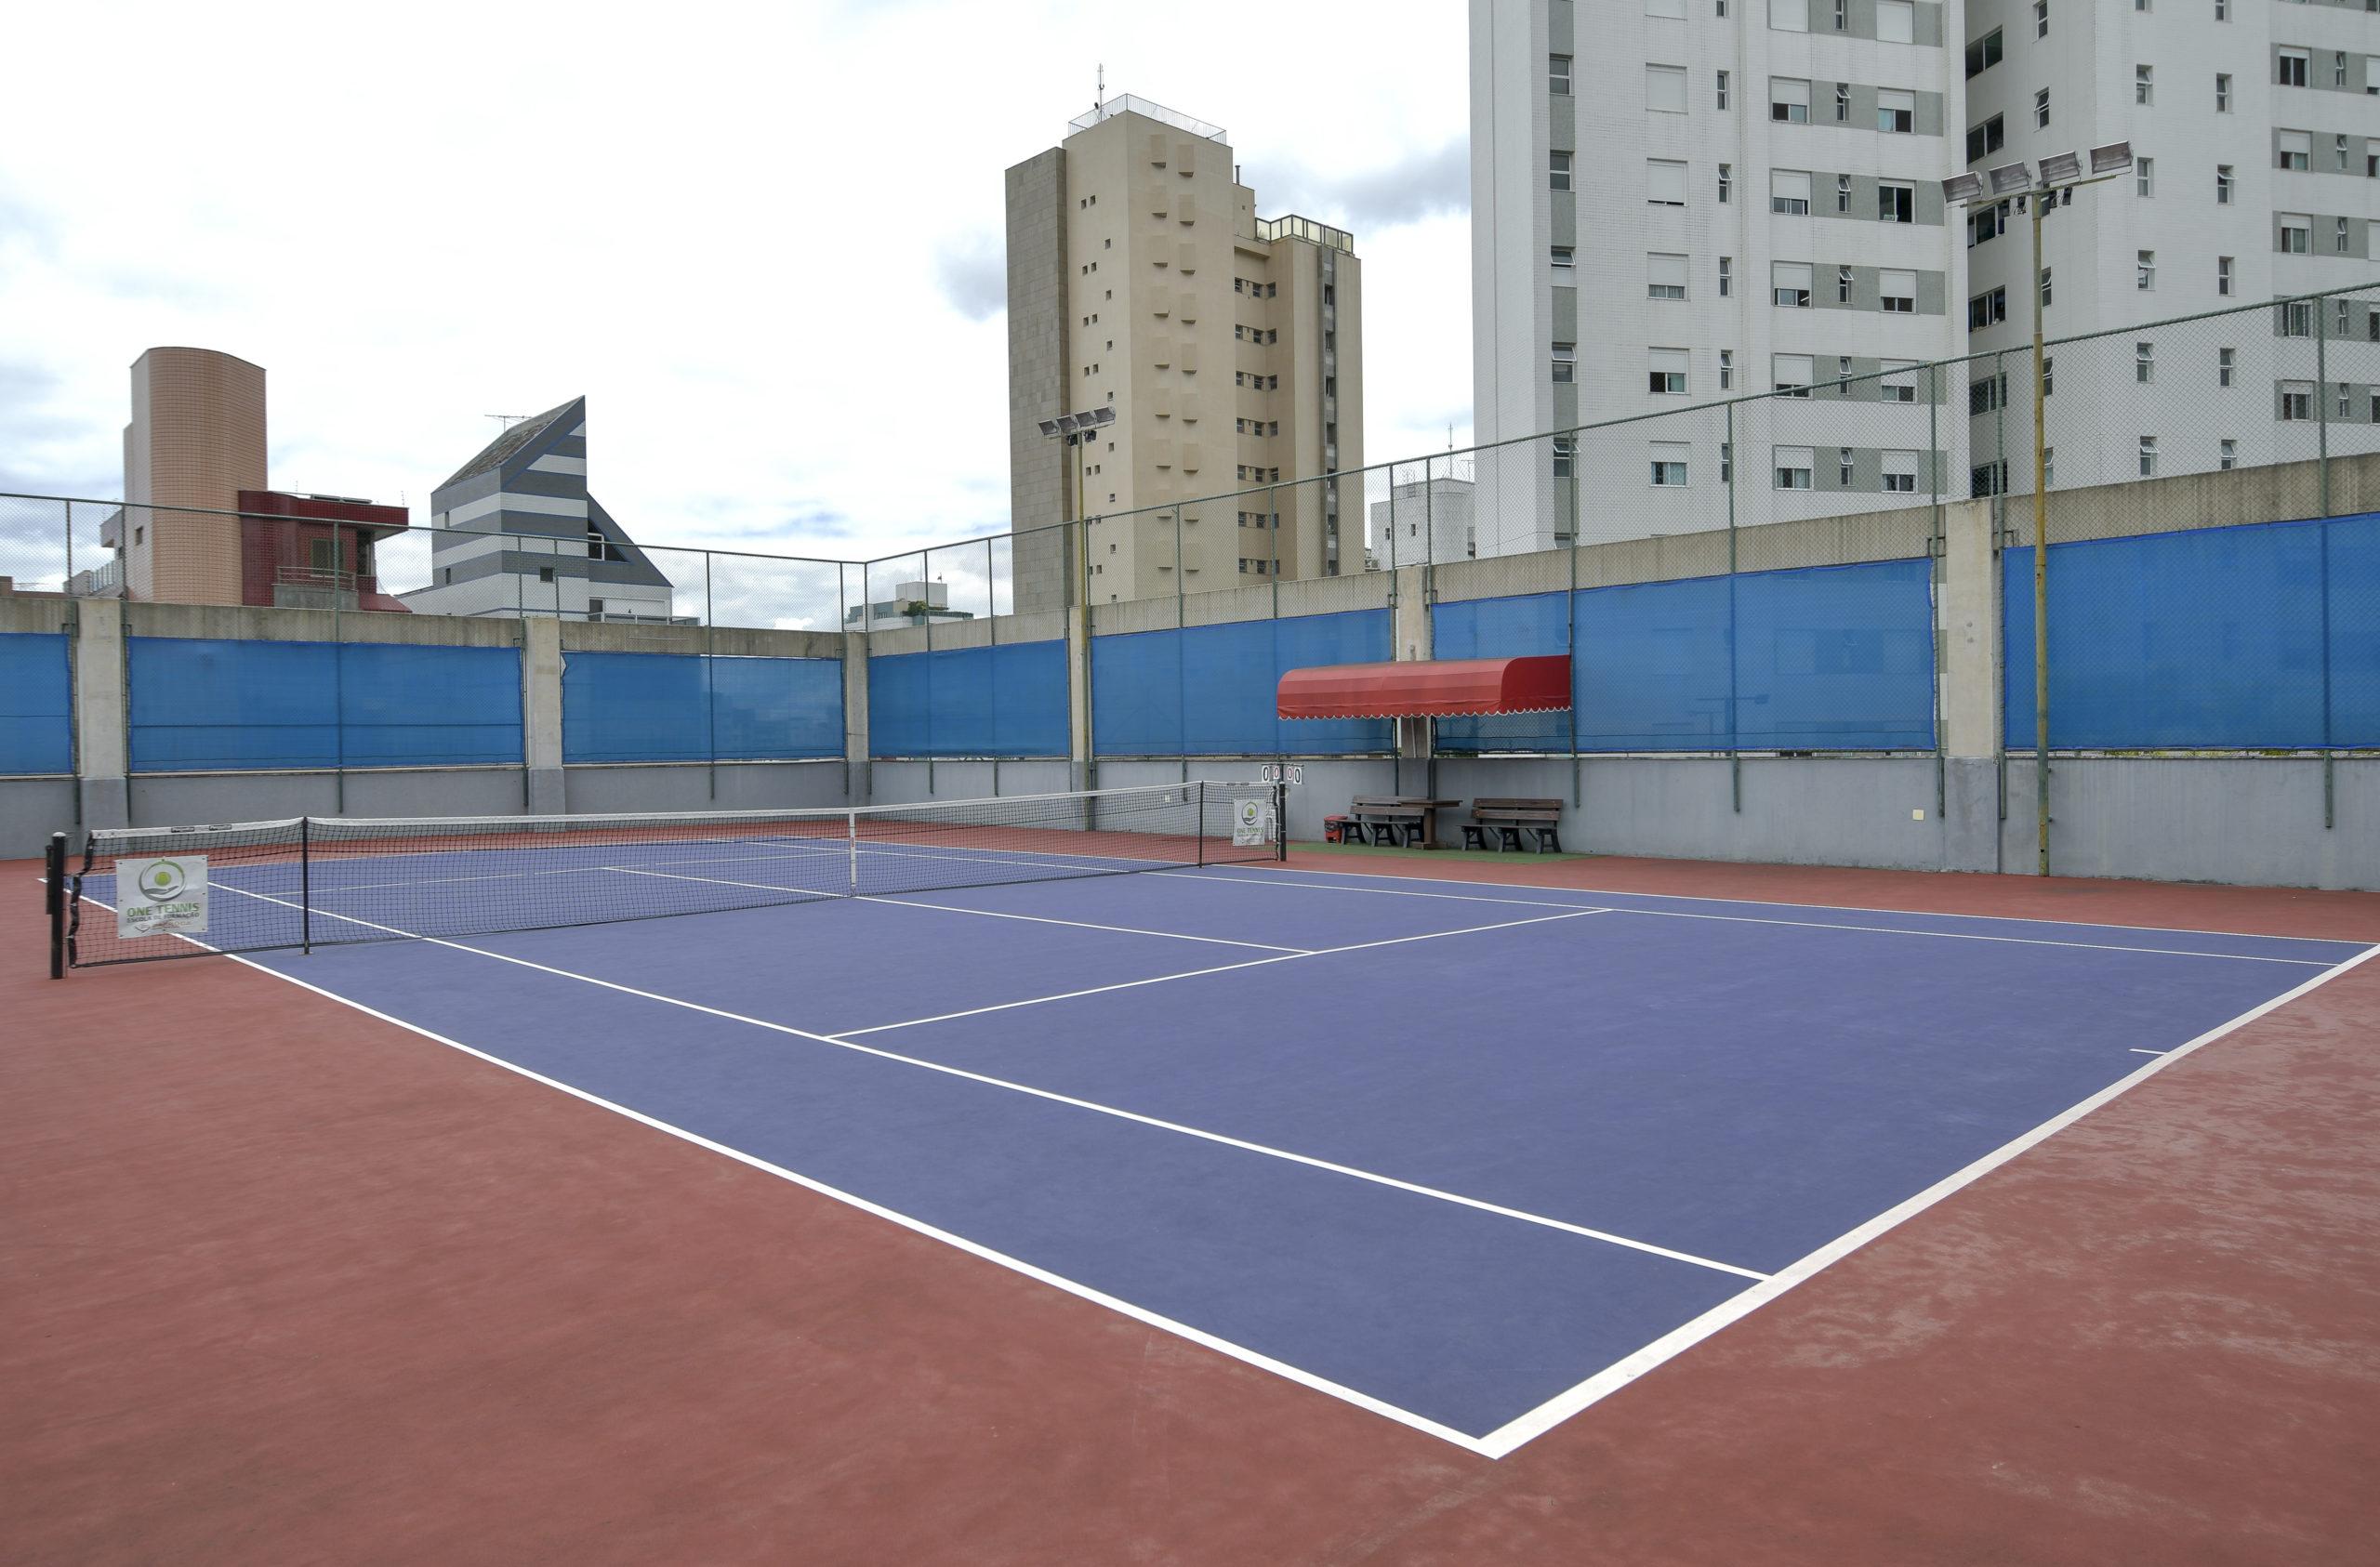 BRASIL / BELO HORIZONTE - 09.02.2021 - Barroca Tenis Clube, em Belo Horizonte, Minas Gerais.© Washington Alves/Light Press